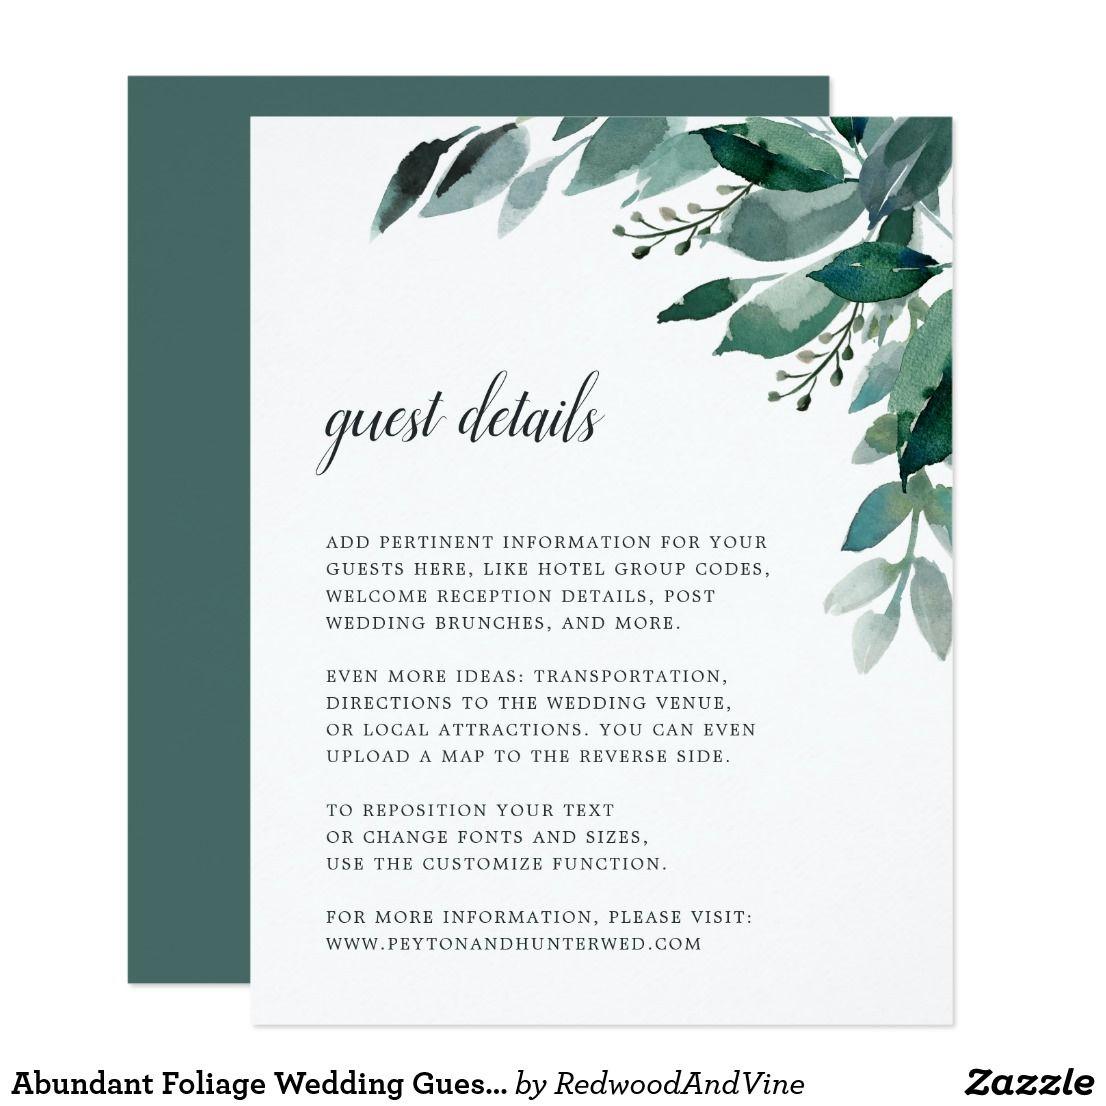 Abundant Foliage Wedding Guest Details Card Designed To Match Our Abundant Foliage Wedding Invitatio Foliage Wedding Wedding Invitation Inserts Wedding Website